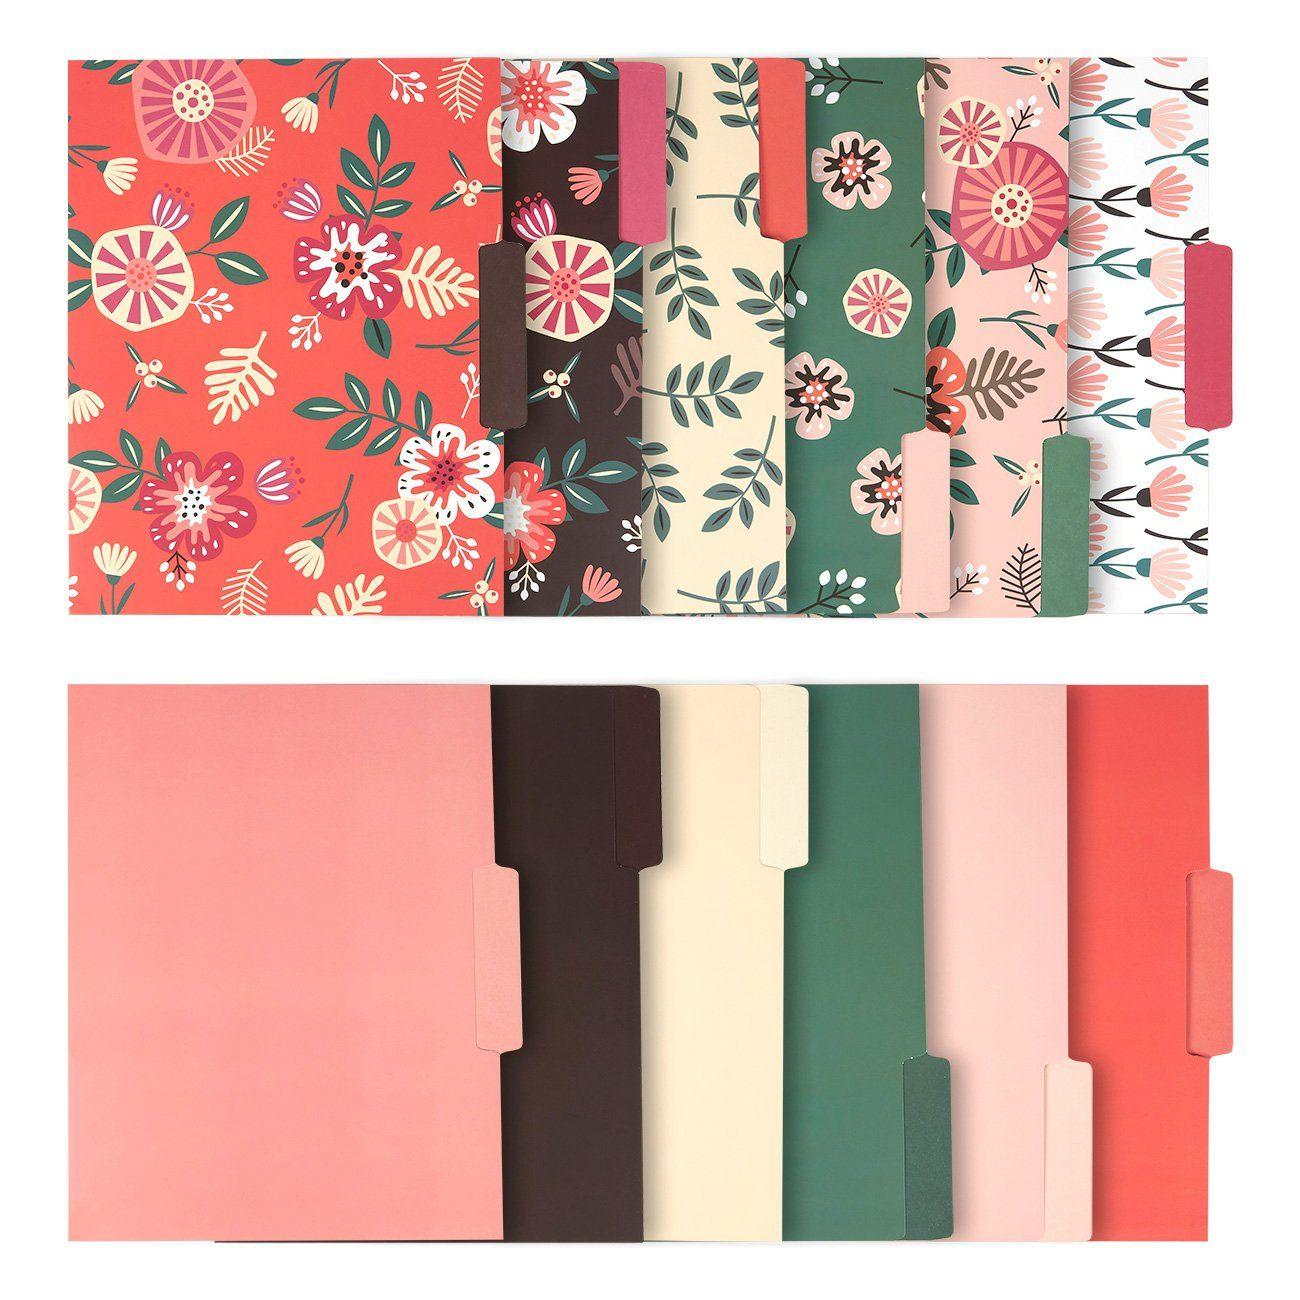 12 Stuck Dekoratives Ordner Ordner Set 6 Florale Designs Und 6 Einfarbige Farben Briefgrosse Mit 1 2 Cm Oberer Seite Aktenordner In 2020 Ordner Aktenordner Design